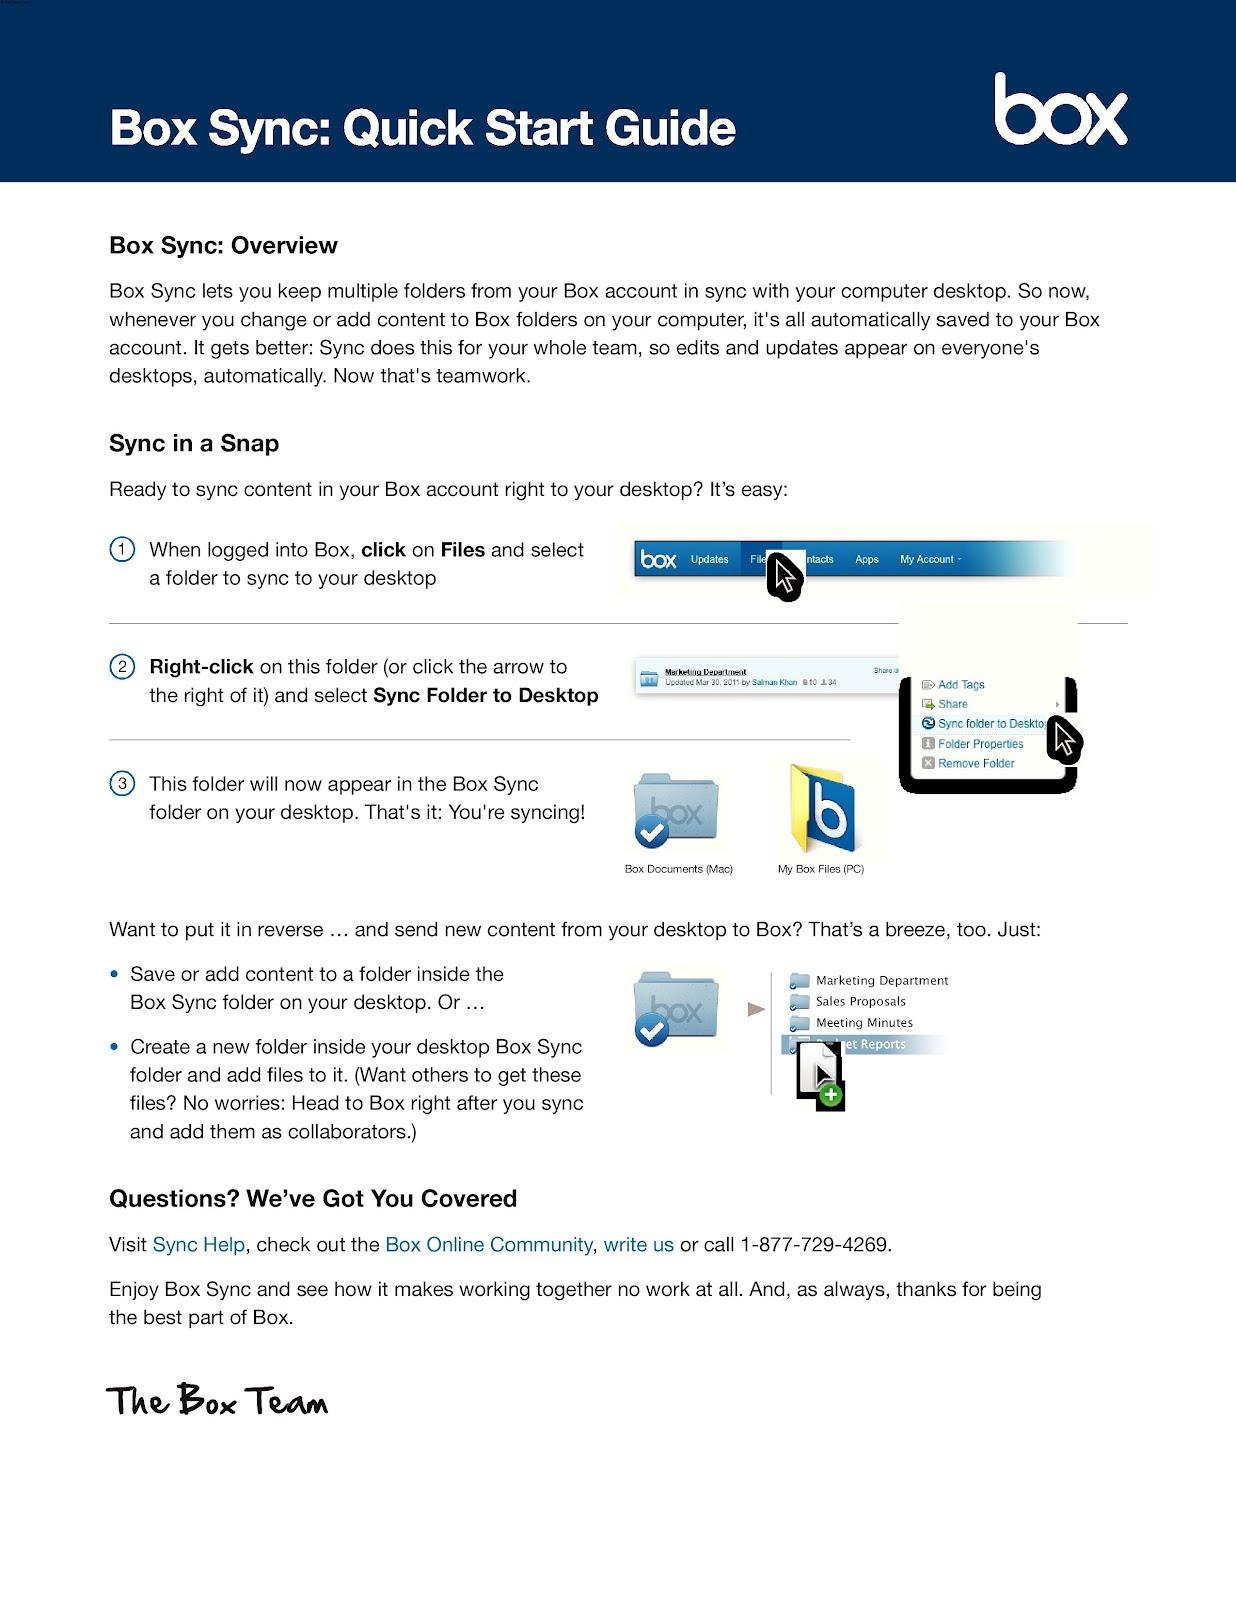 KnowCrazy com: Box Sync: Quick Start Guide